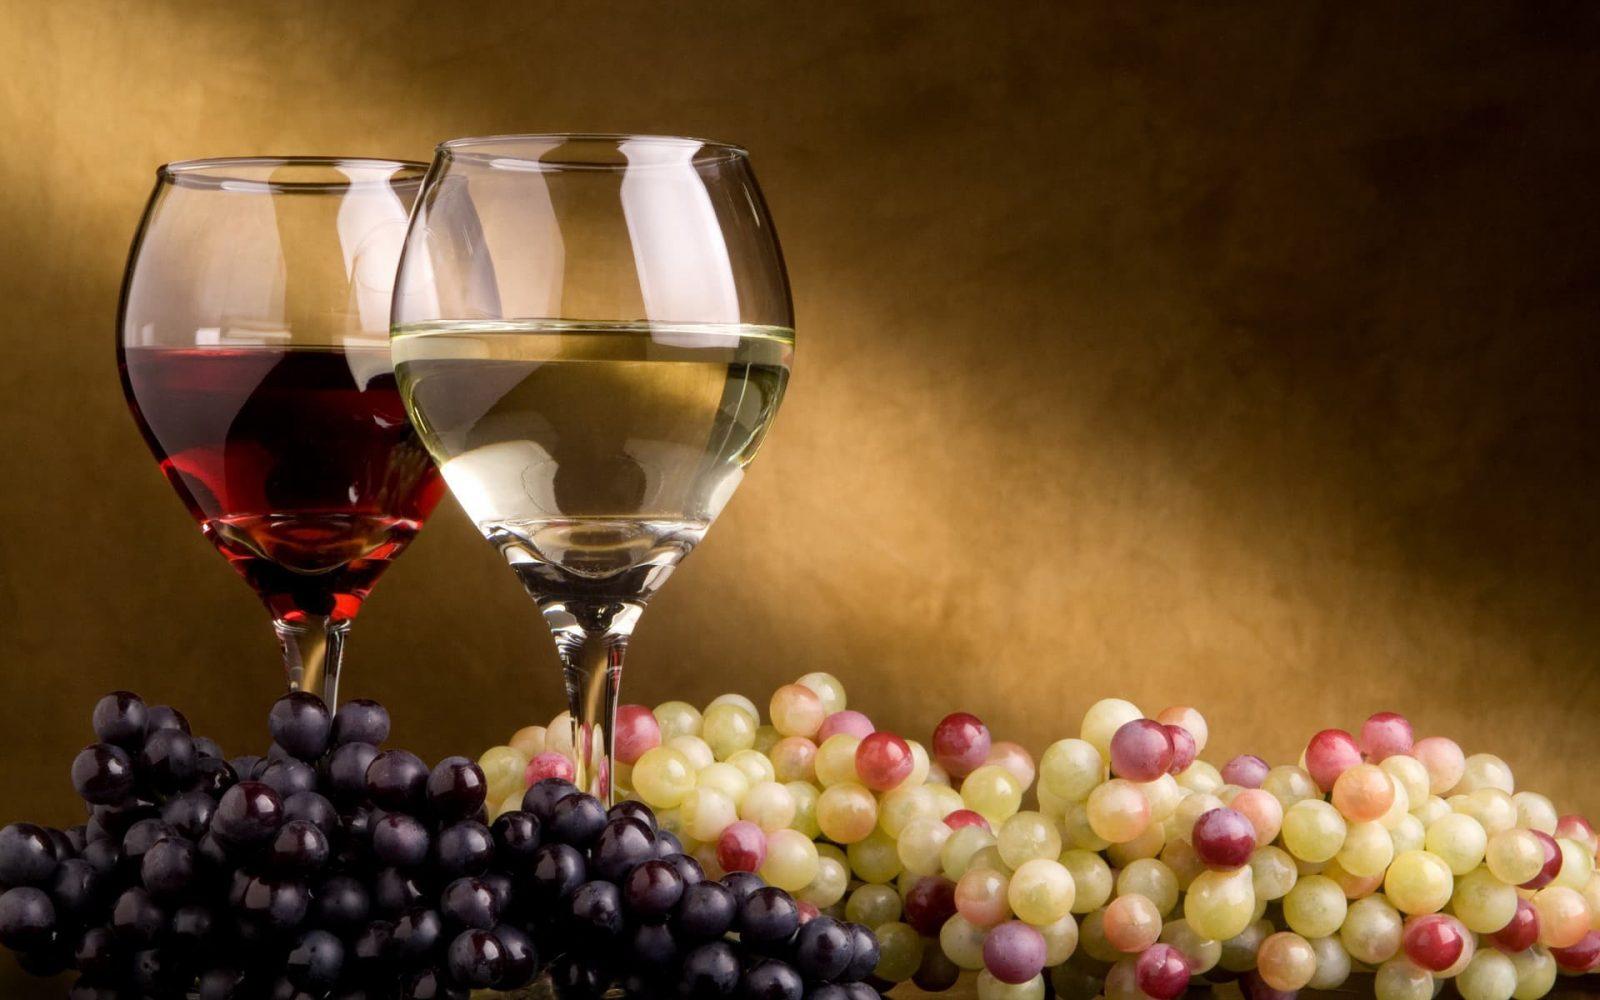 Категории вин по качеству Франция, Италия и другие страны